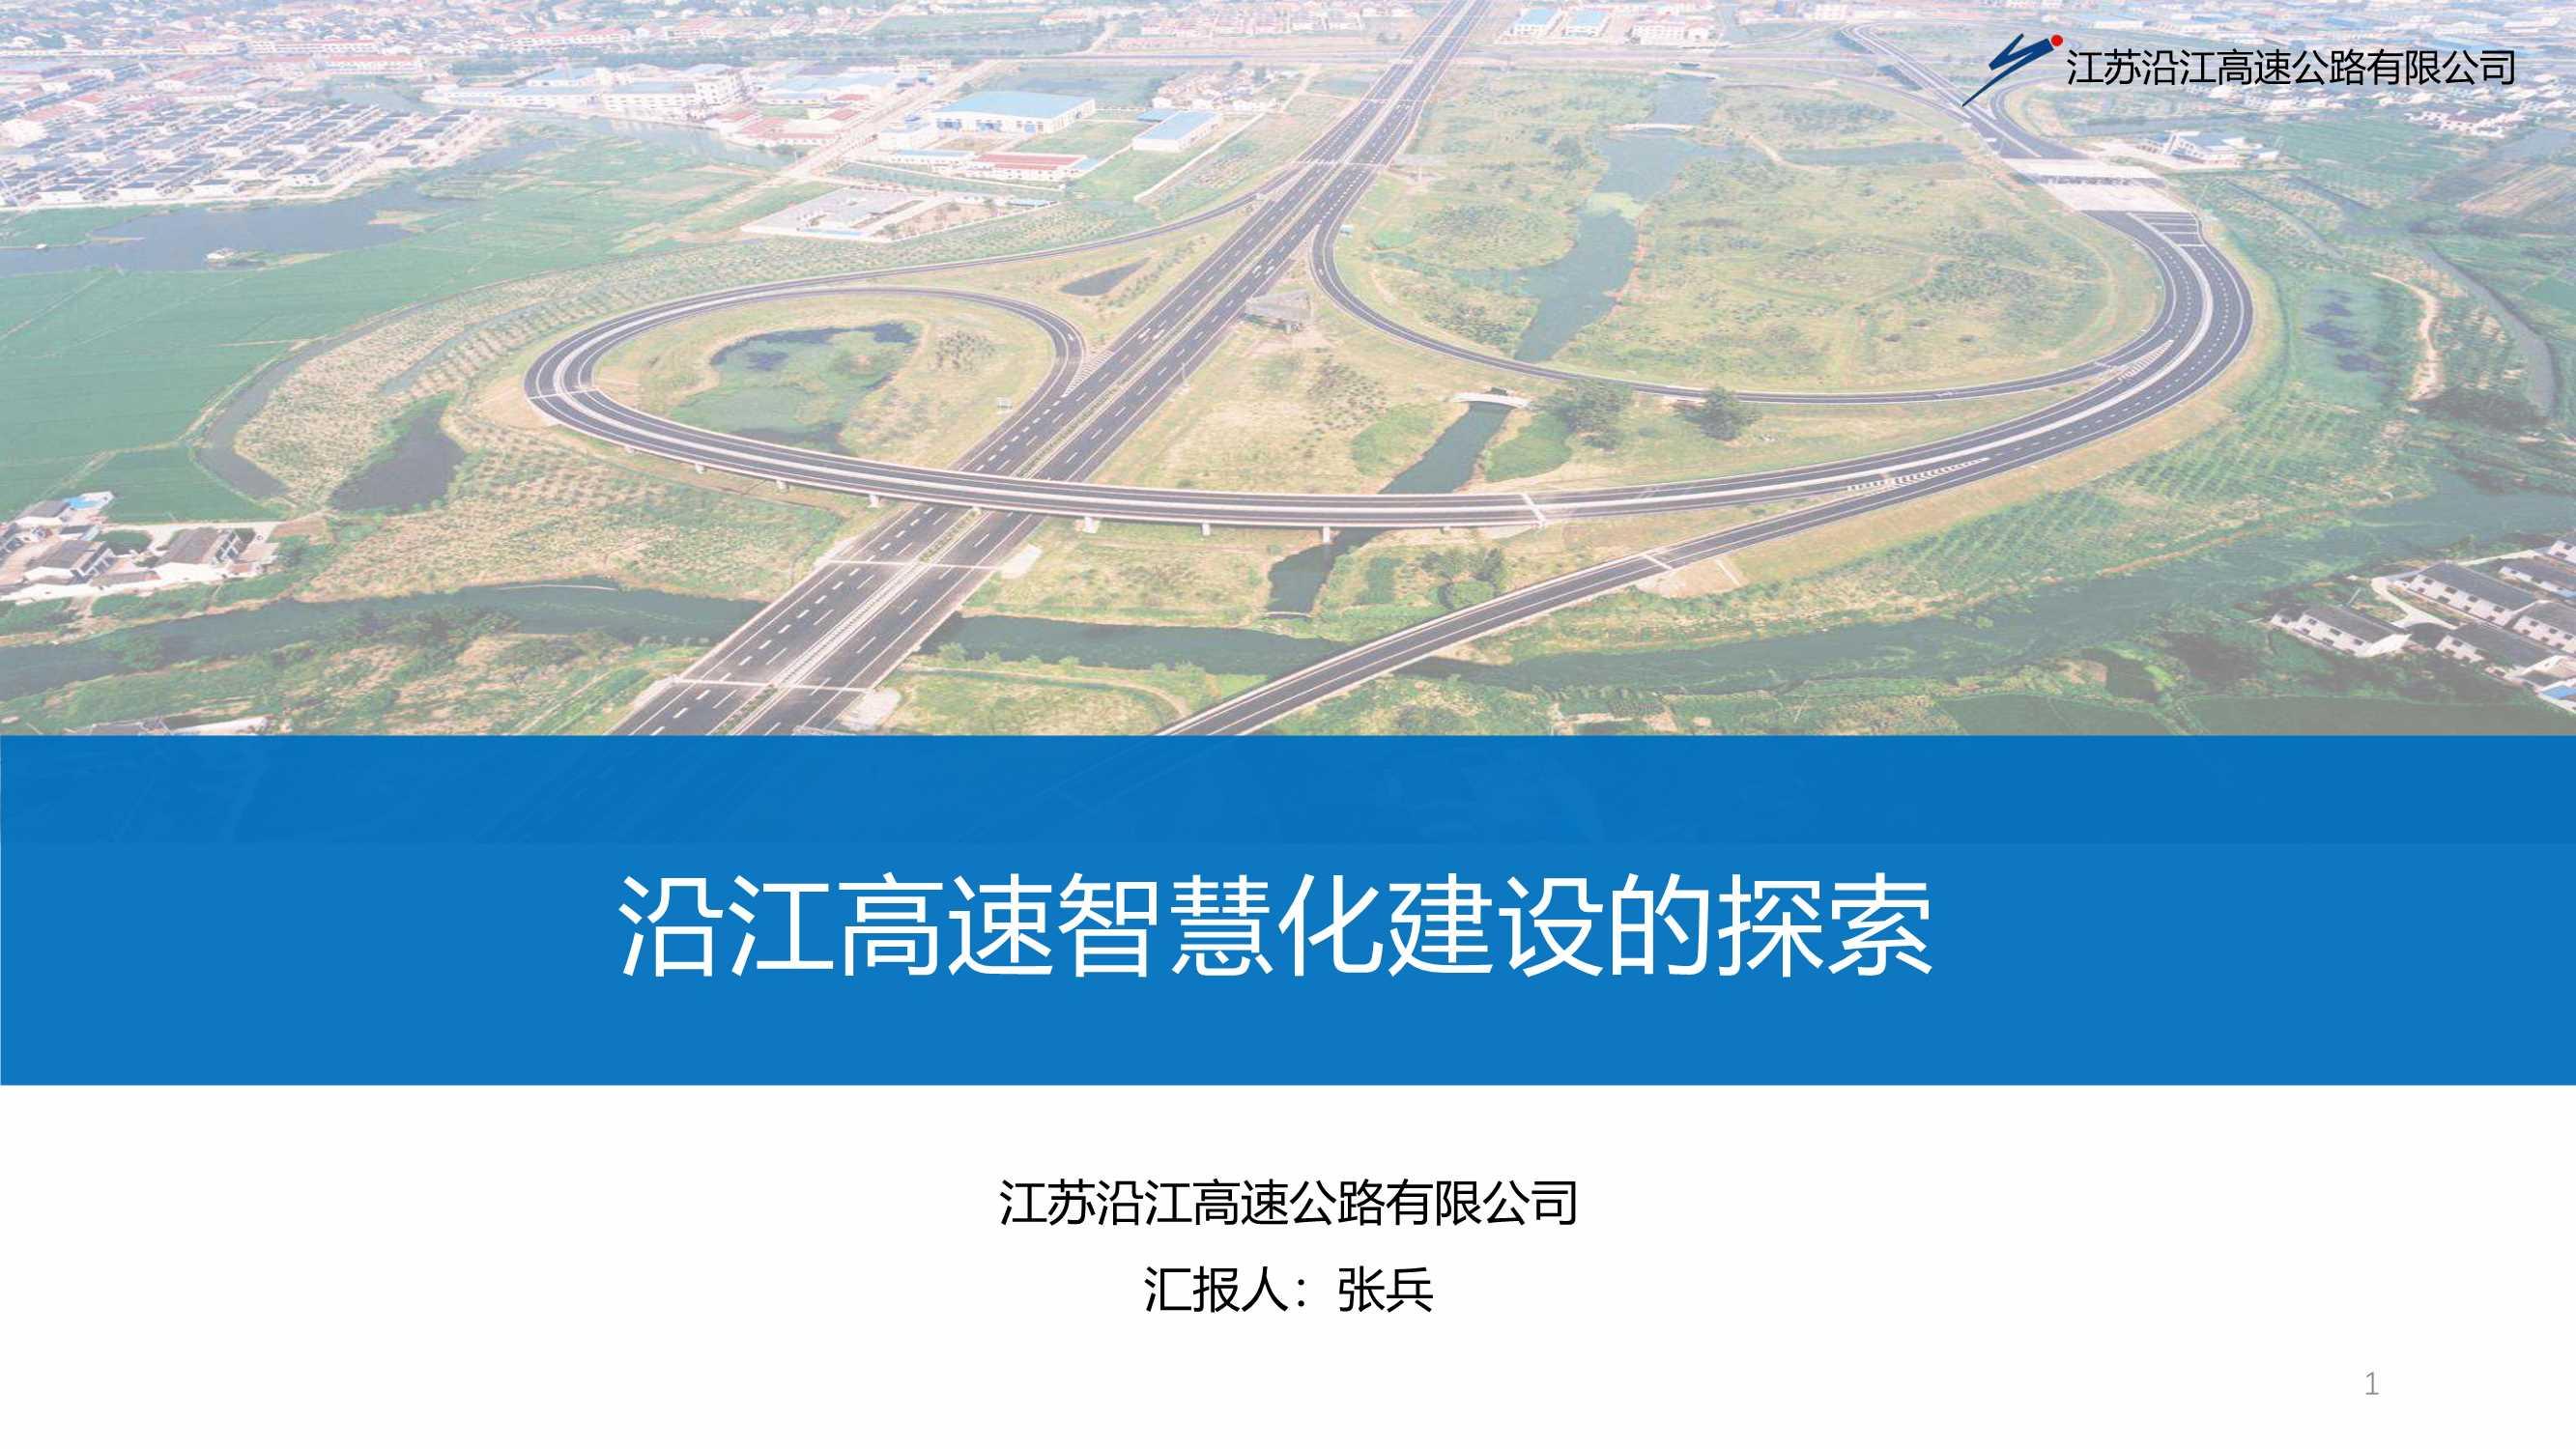 沿江高速智慧化建设的探索-张兵-2021.04-54页